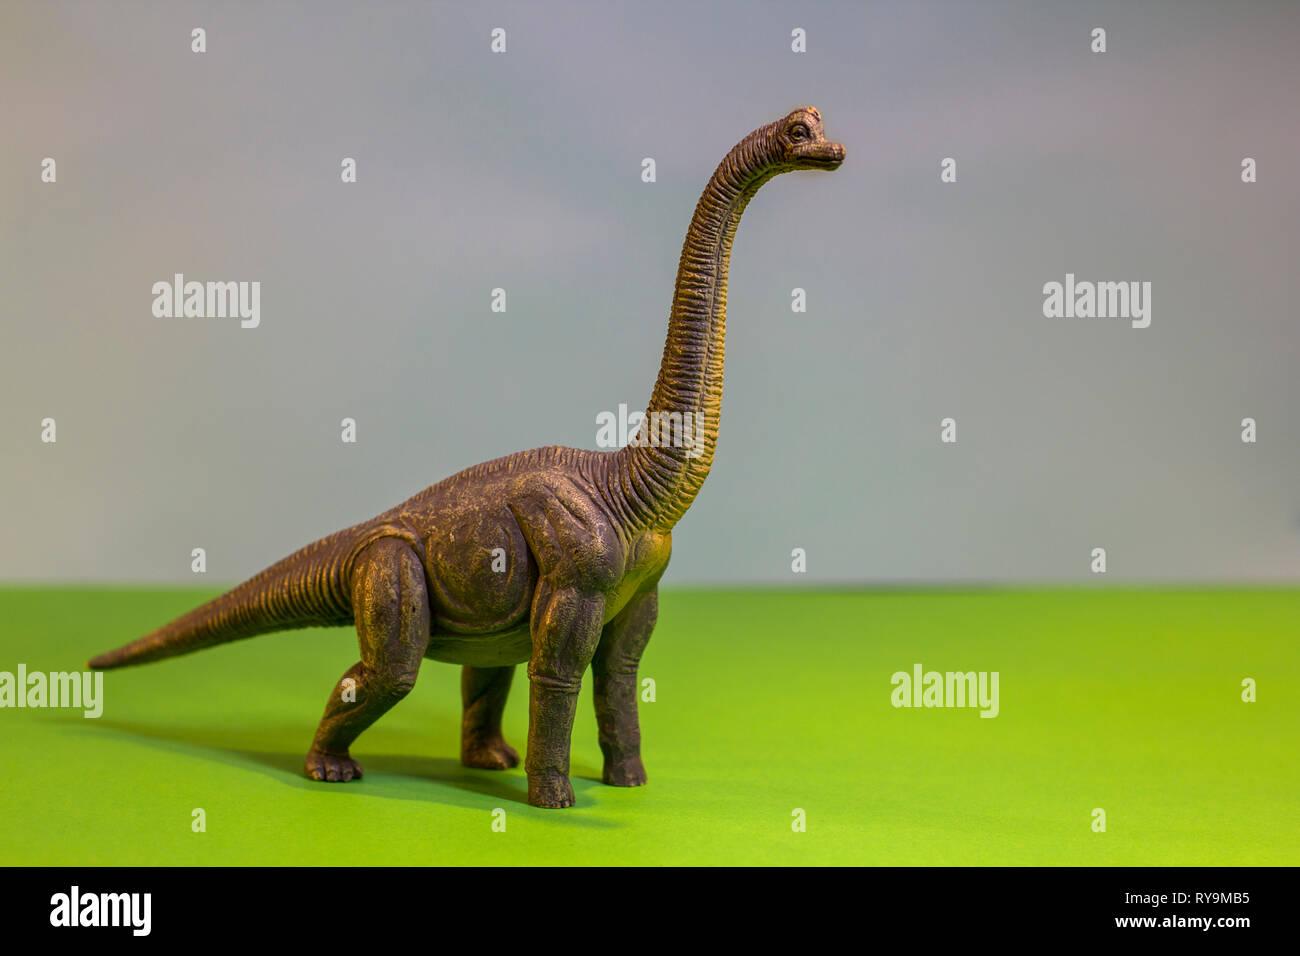 Spielzeug Dinosaurier in einem Spielzeug Wald. wie ein echter T-Rex auf einem hellen Studio Hintergrund mit Holz- bäumen. Eco Spielzeug. Stockbild